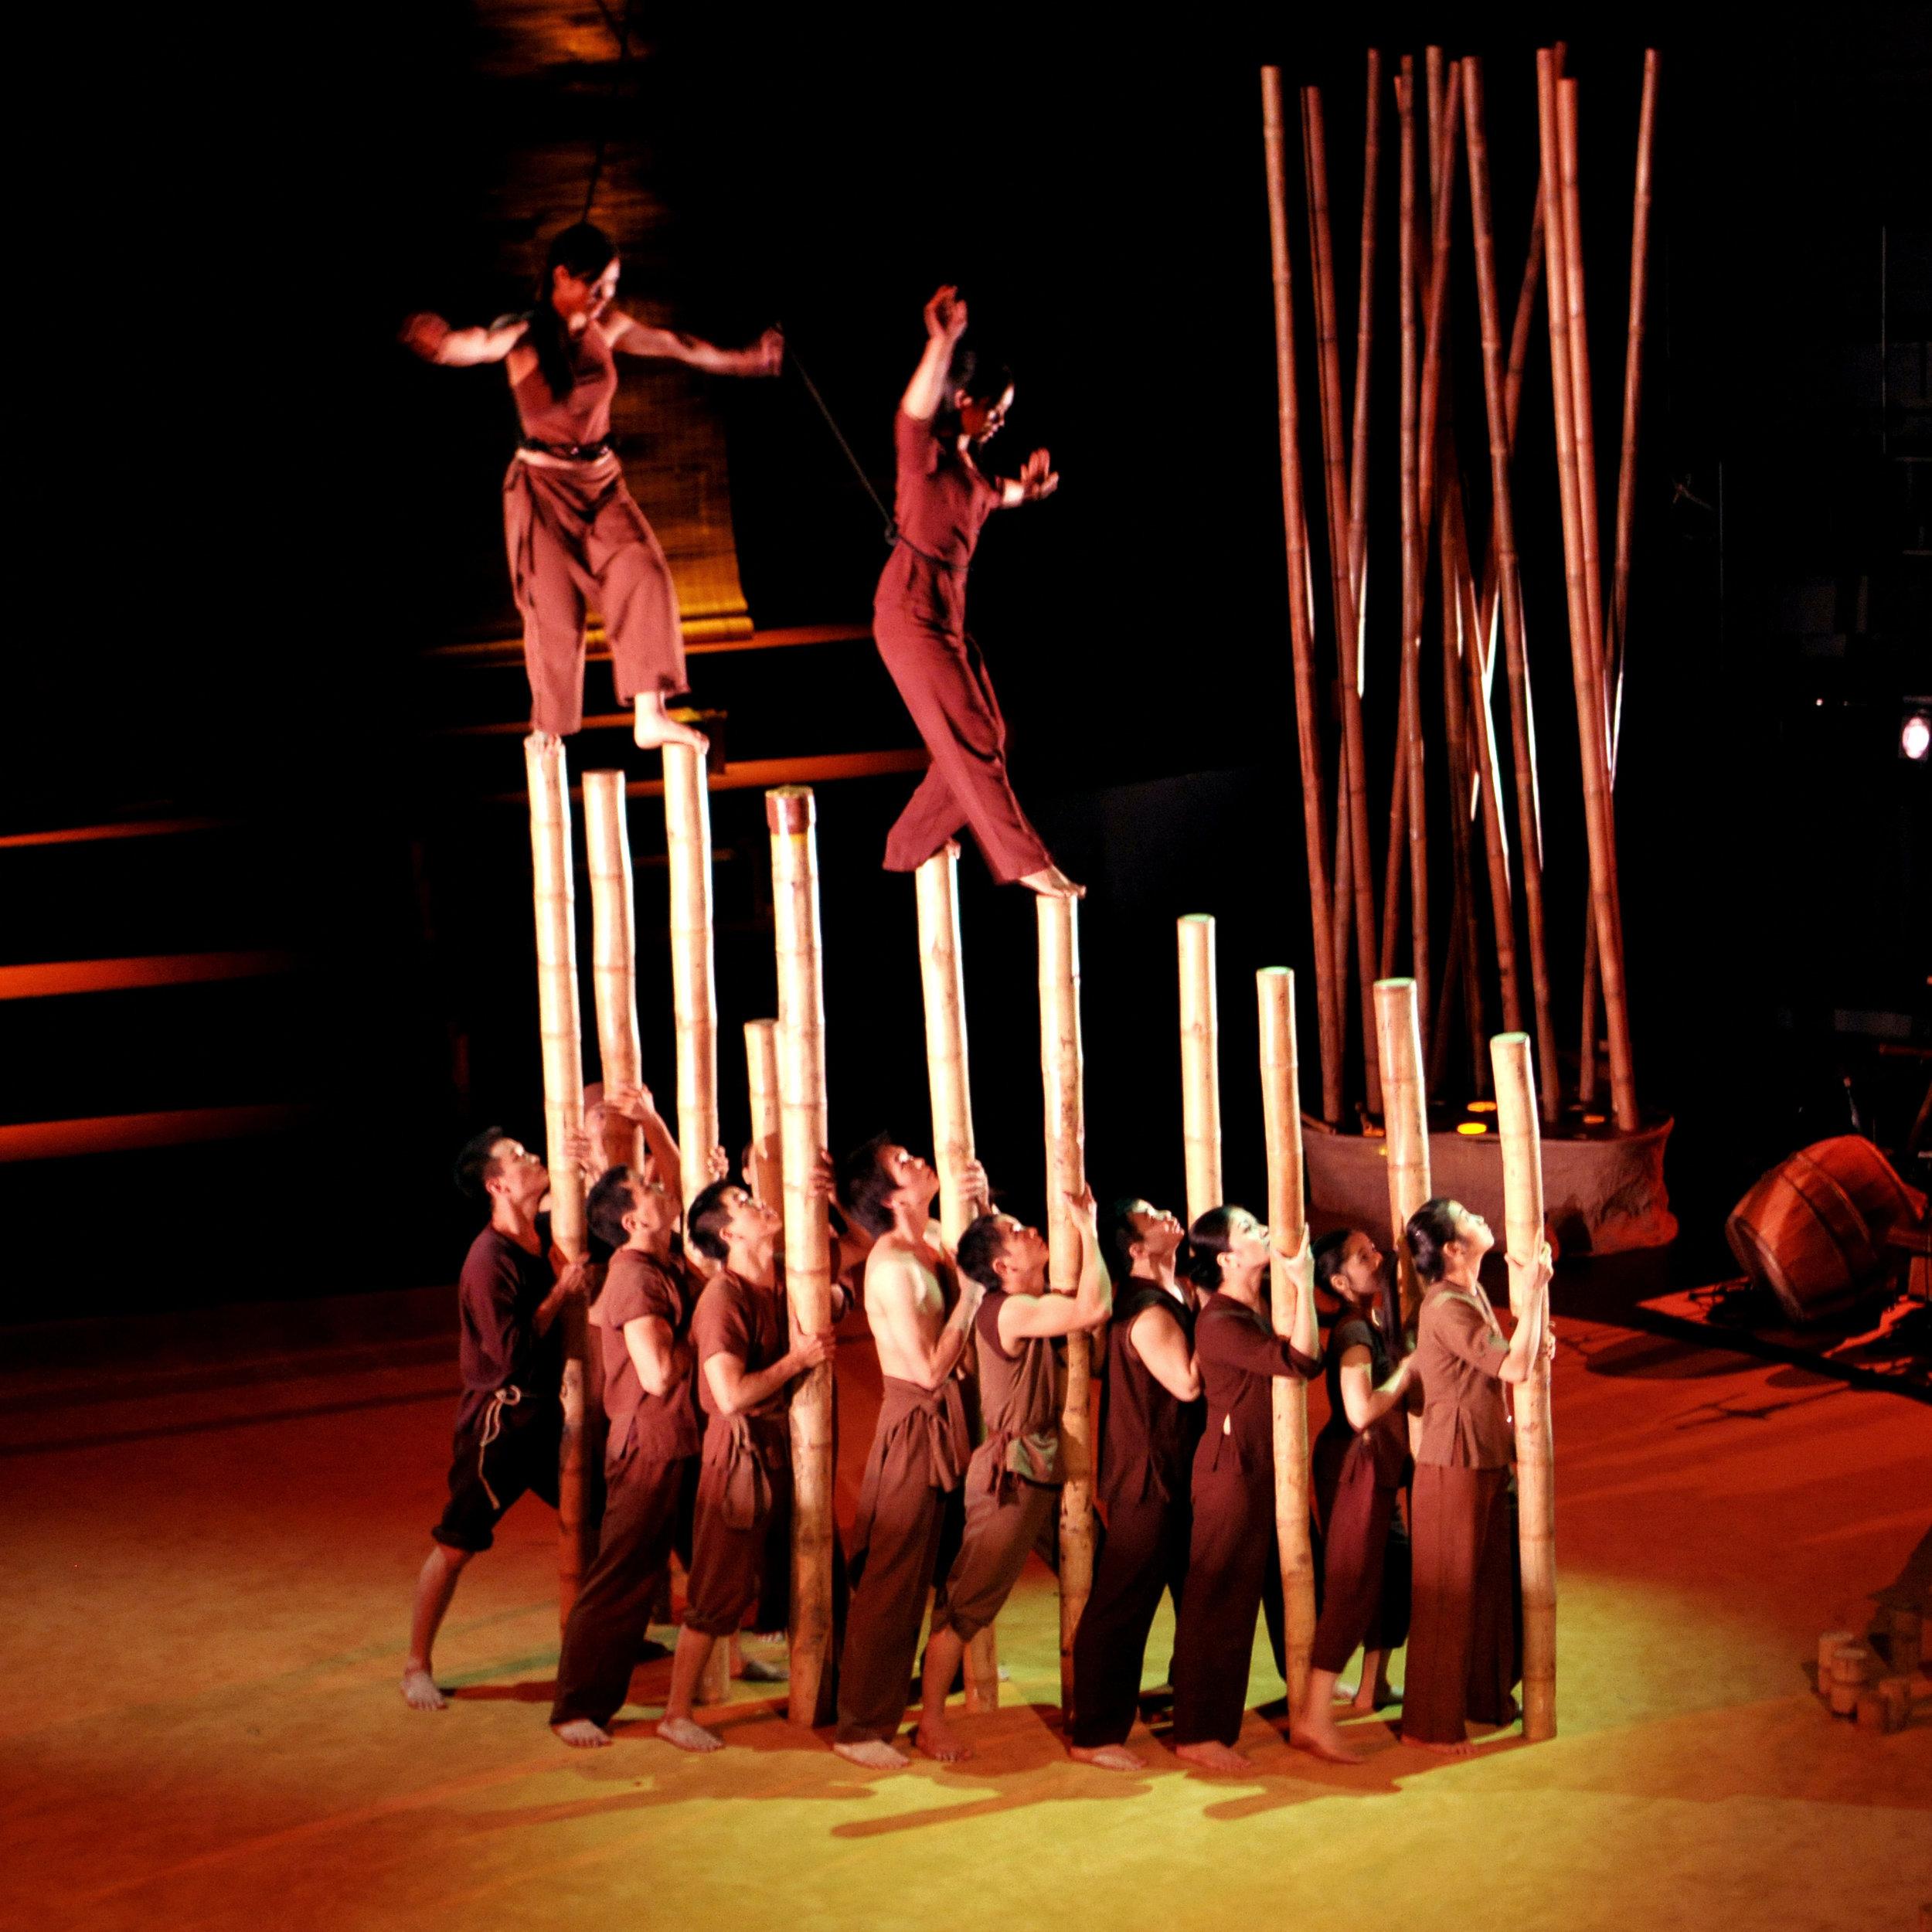 Lang-Toi-Nuevo-Circo-de-Vietnam2.jpg